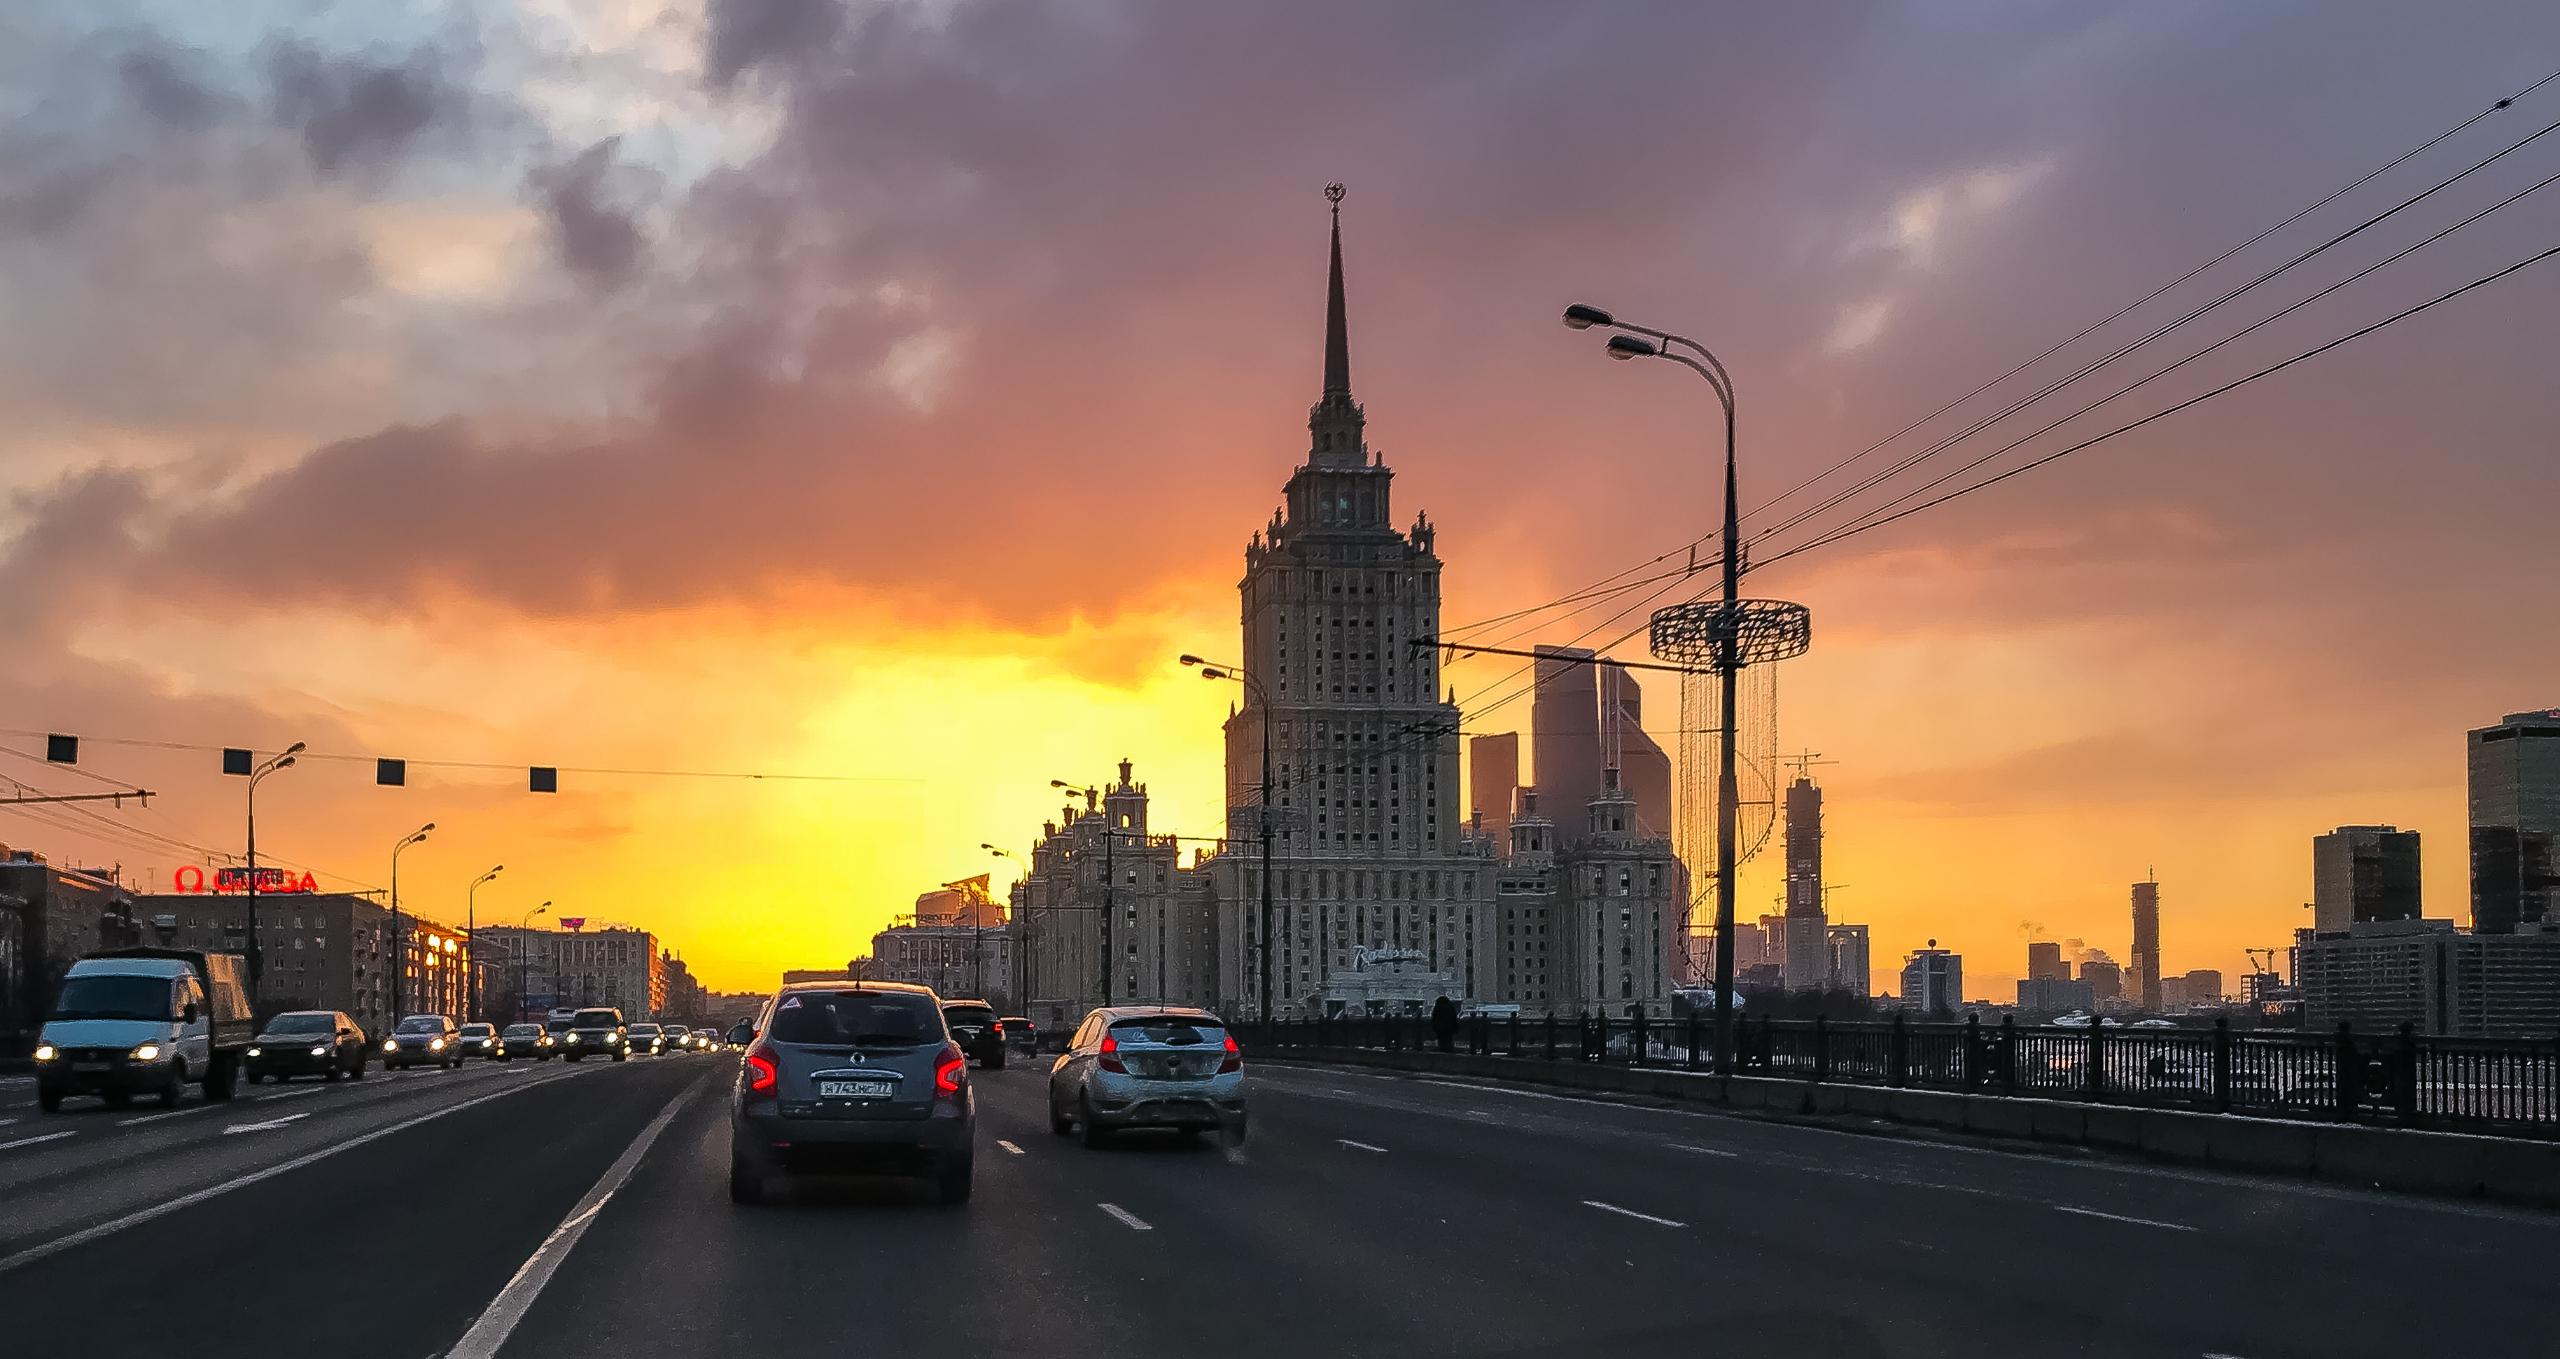 Дороги Москвы через лобовое стекло